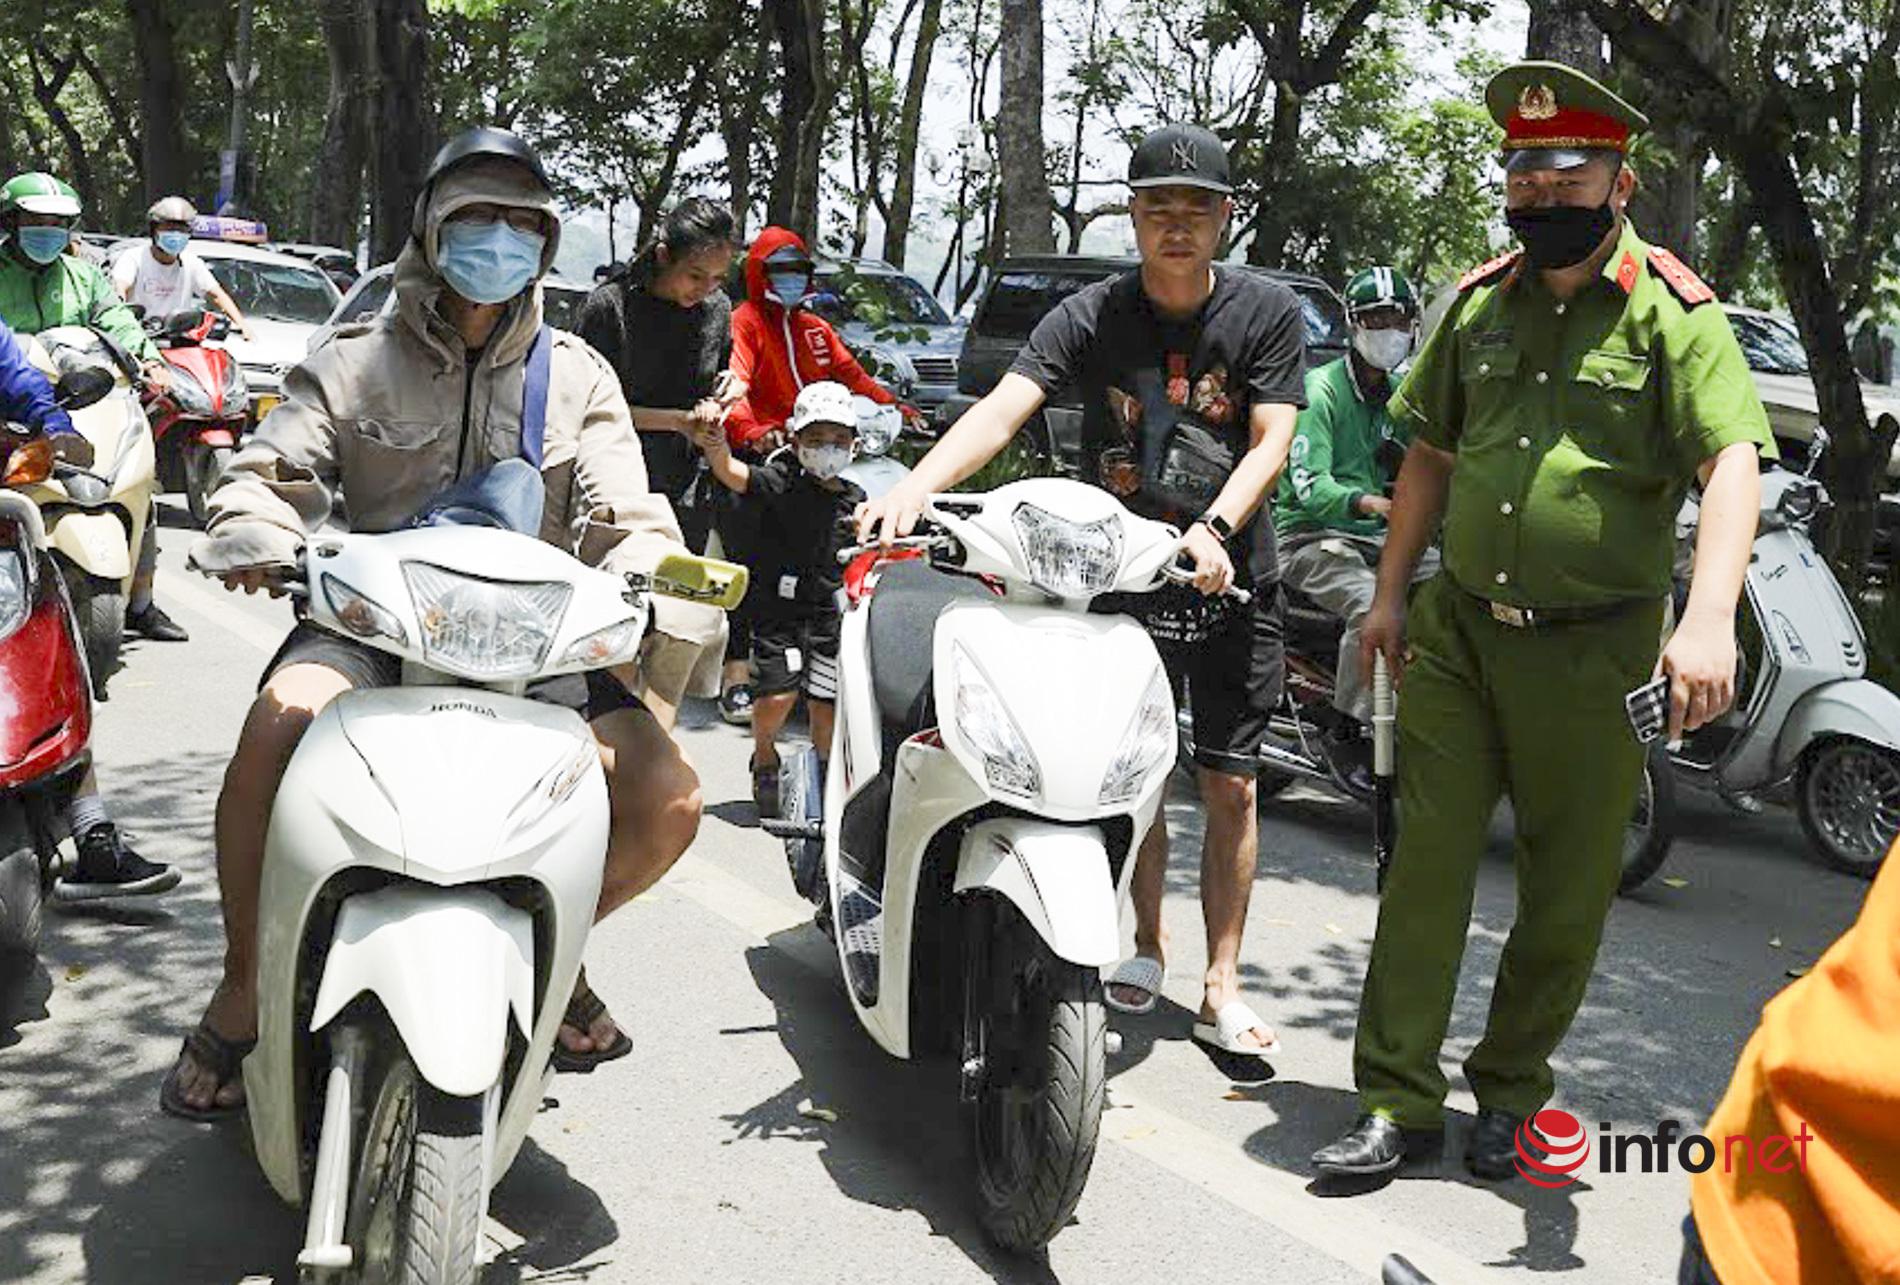 Hà Nội: Ra đường không đeo khẩu trang, nhiều người bị phạt